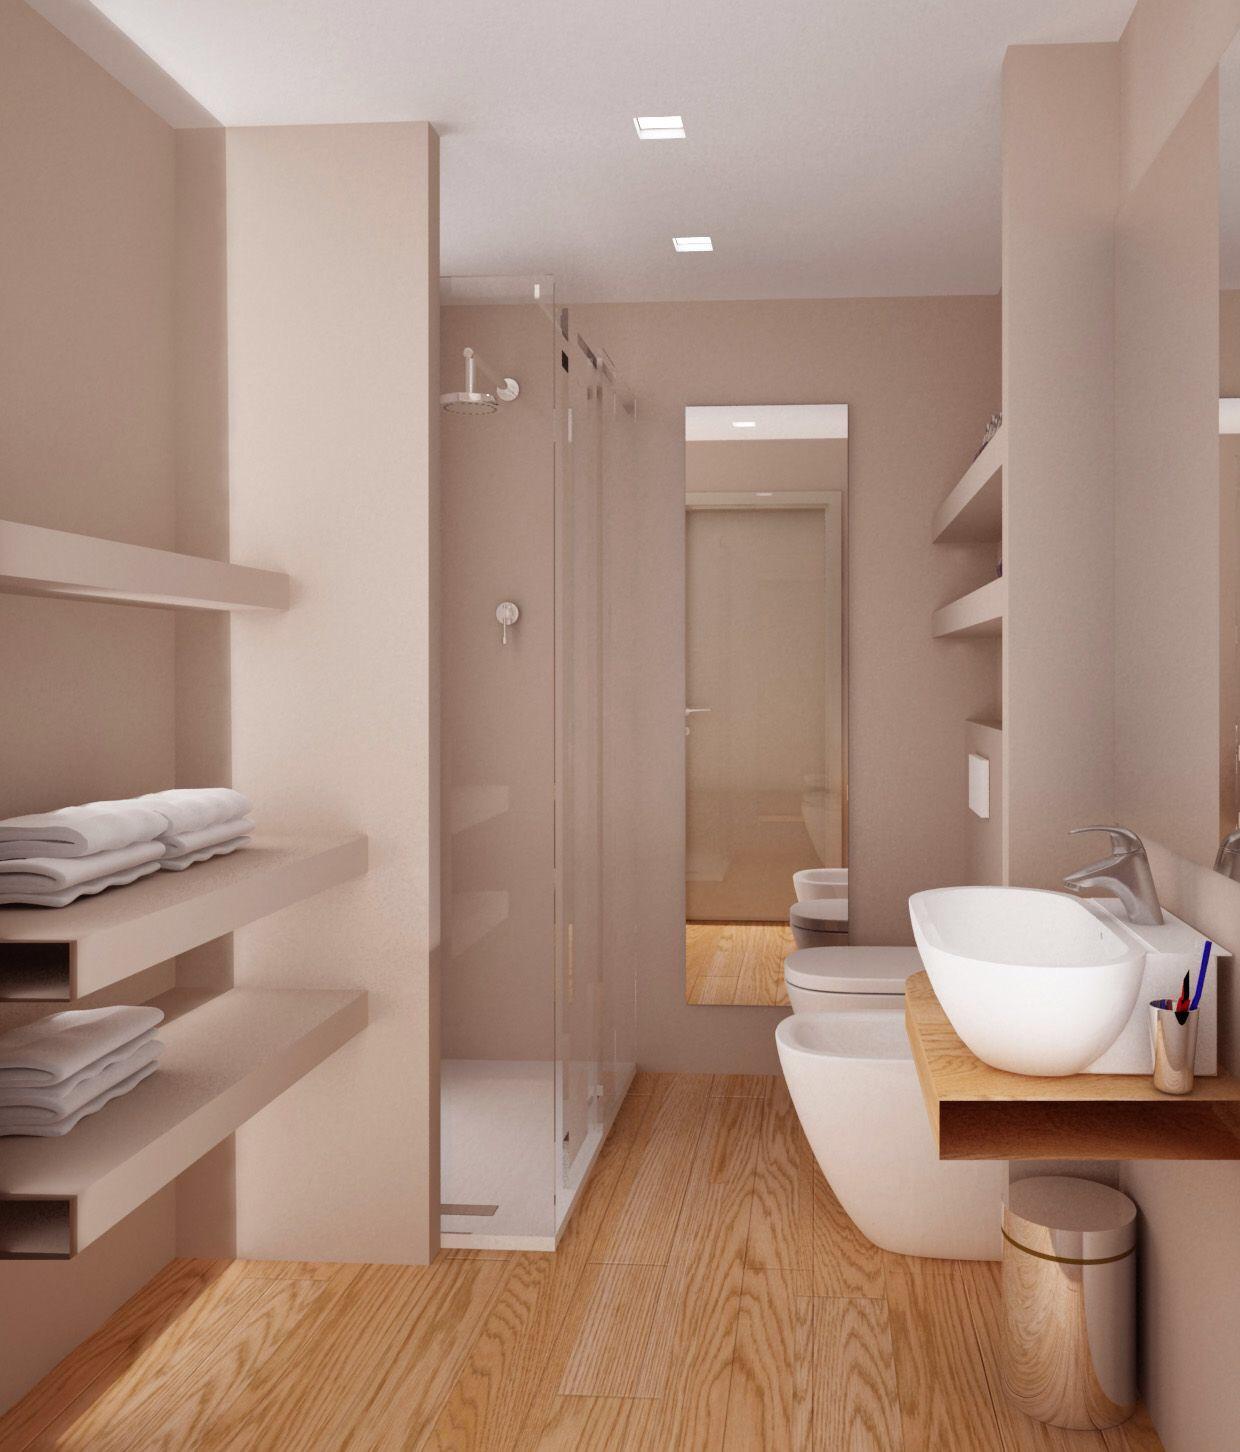 Dimensione Bagno Pessano - Idee Per La Casa - Syafir.com